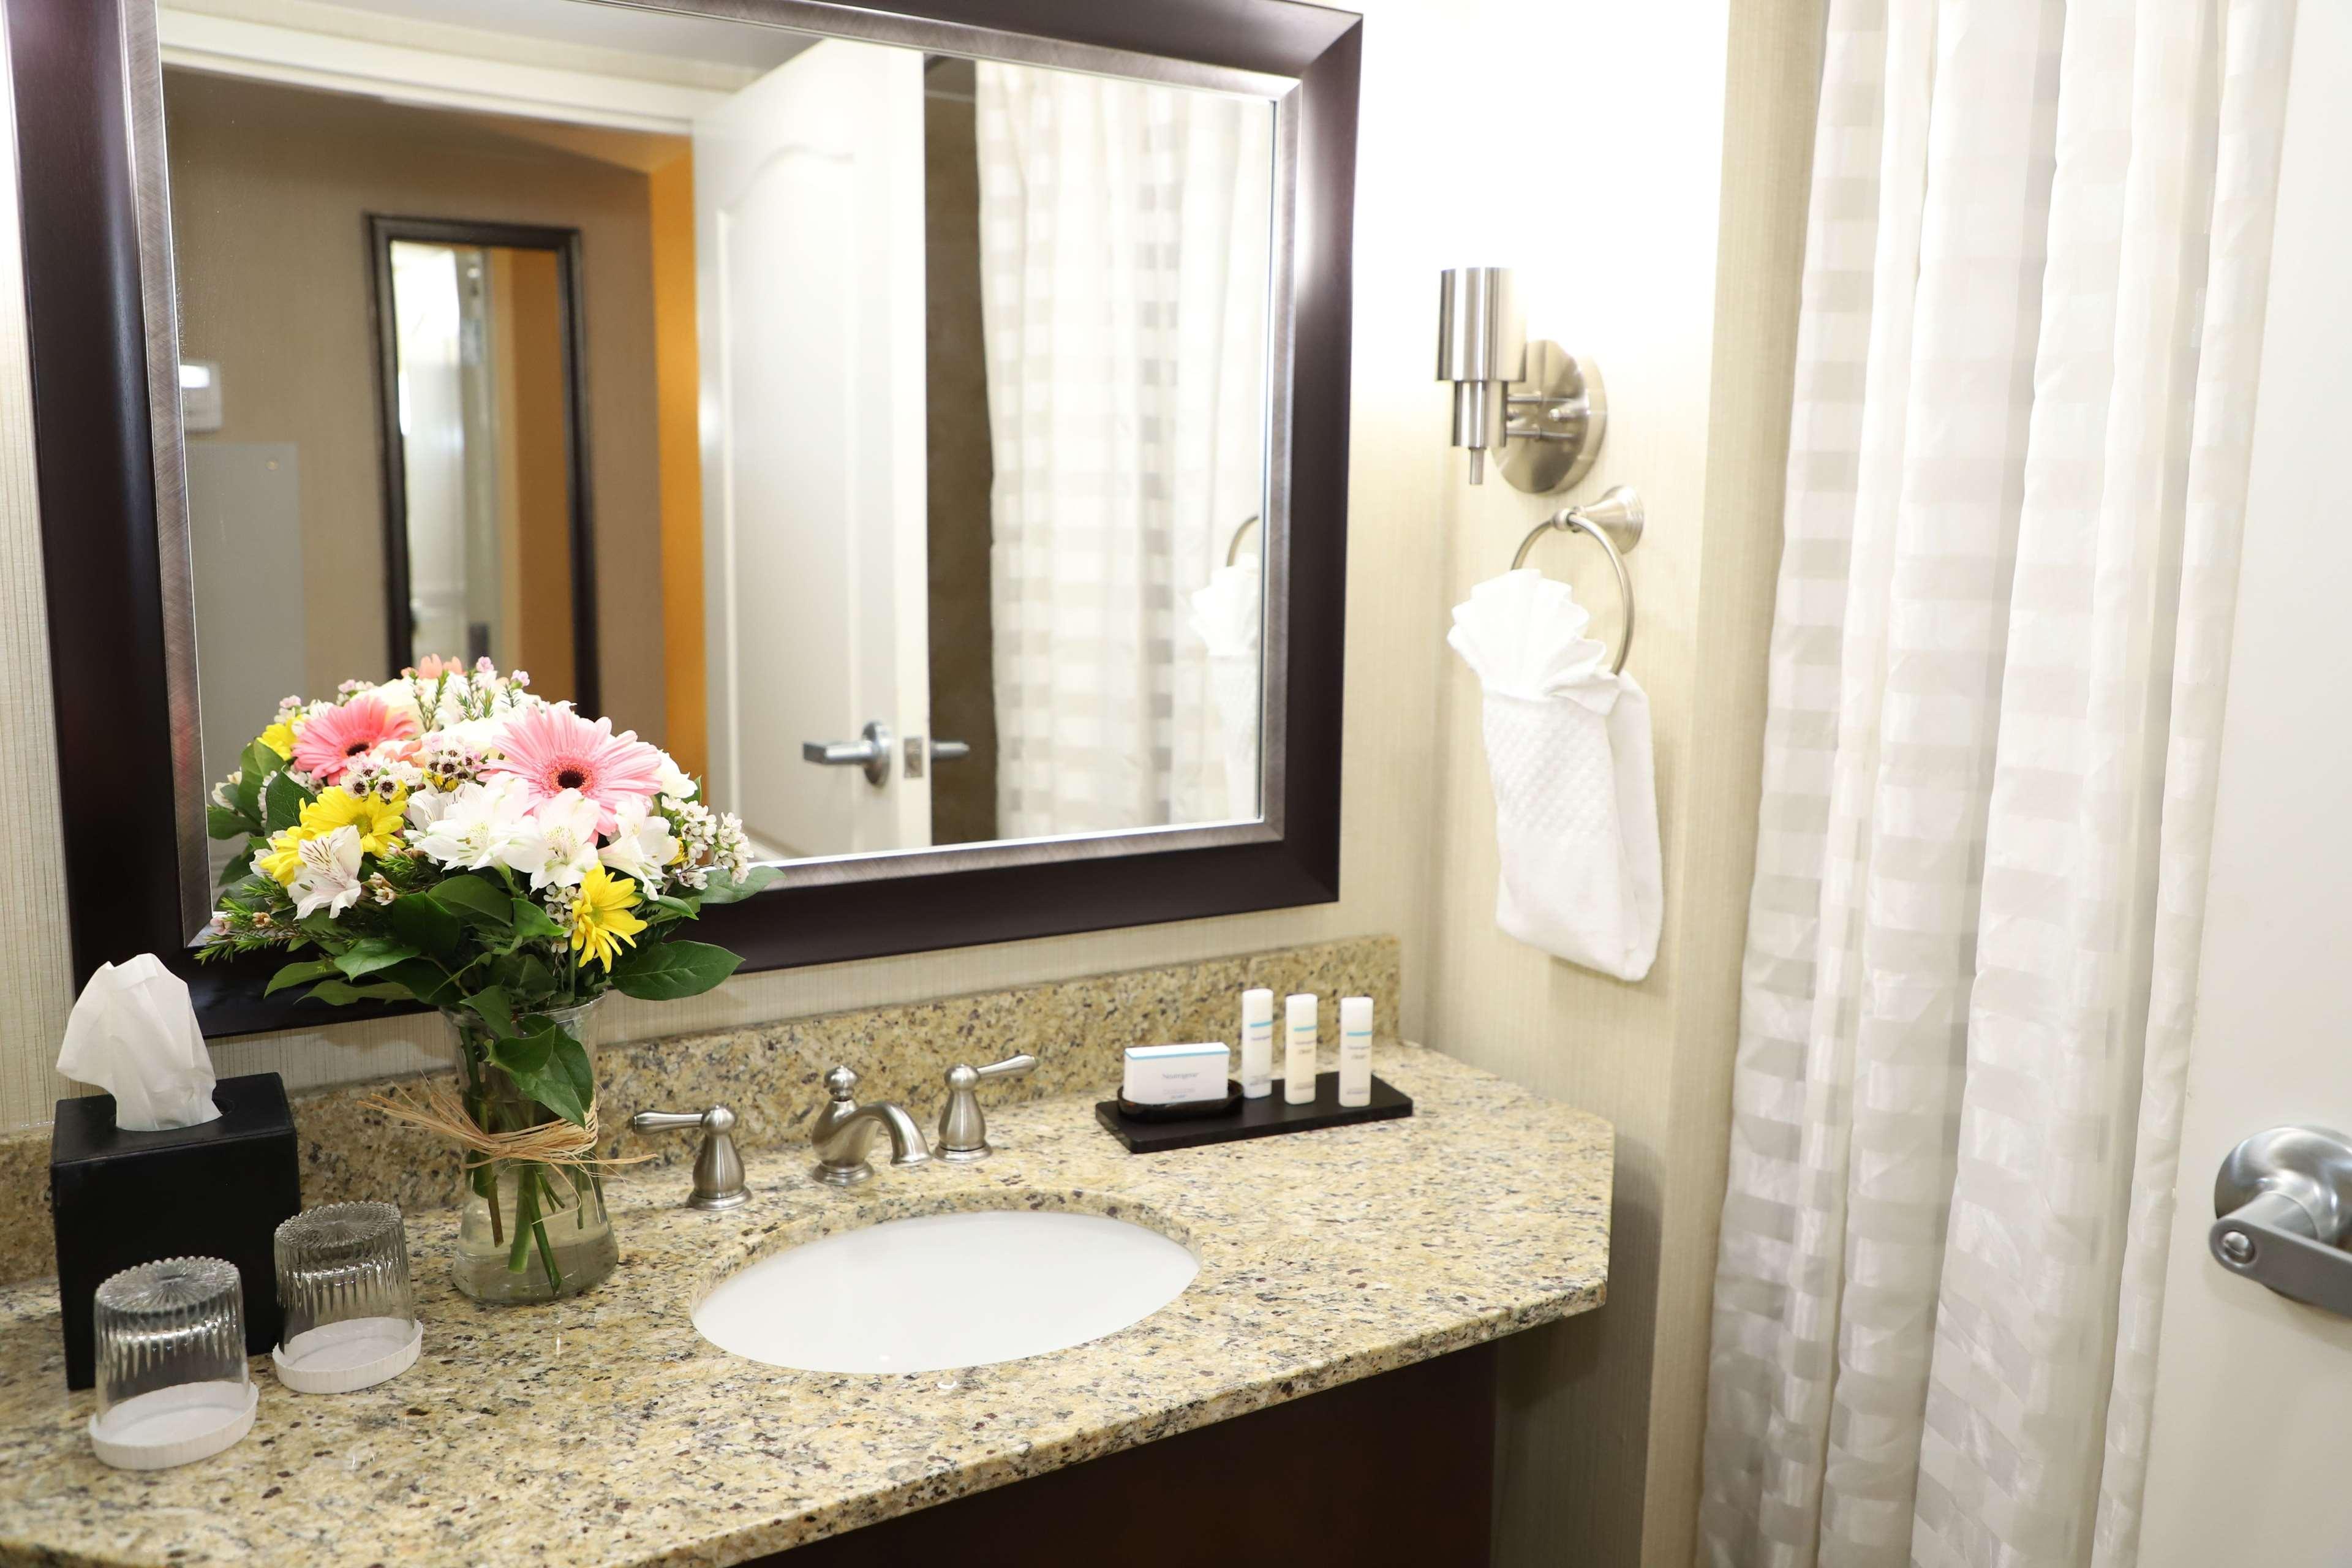 Embassy Suites by Hilton Nashville at Vanderbilt image 29